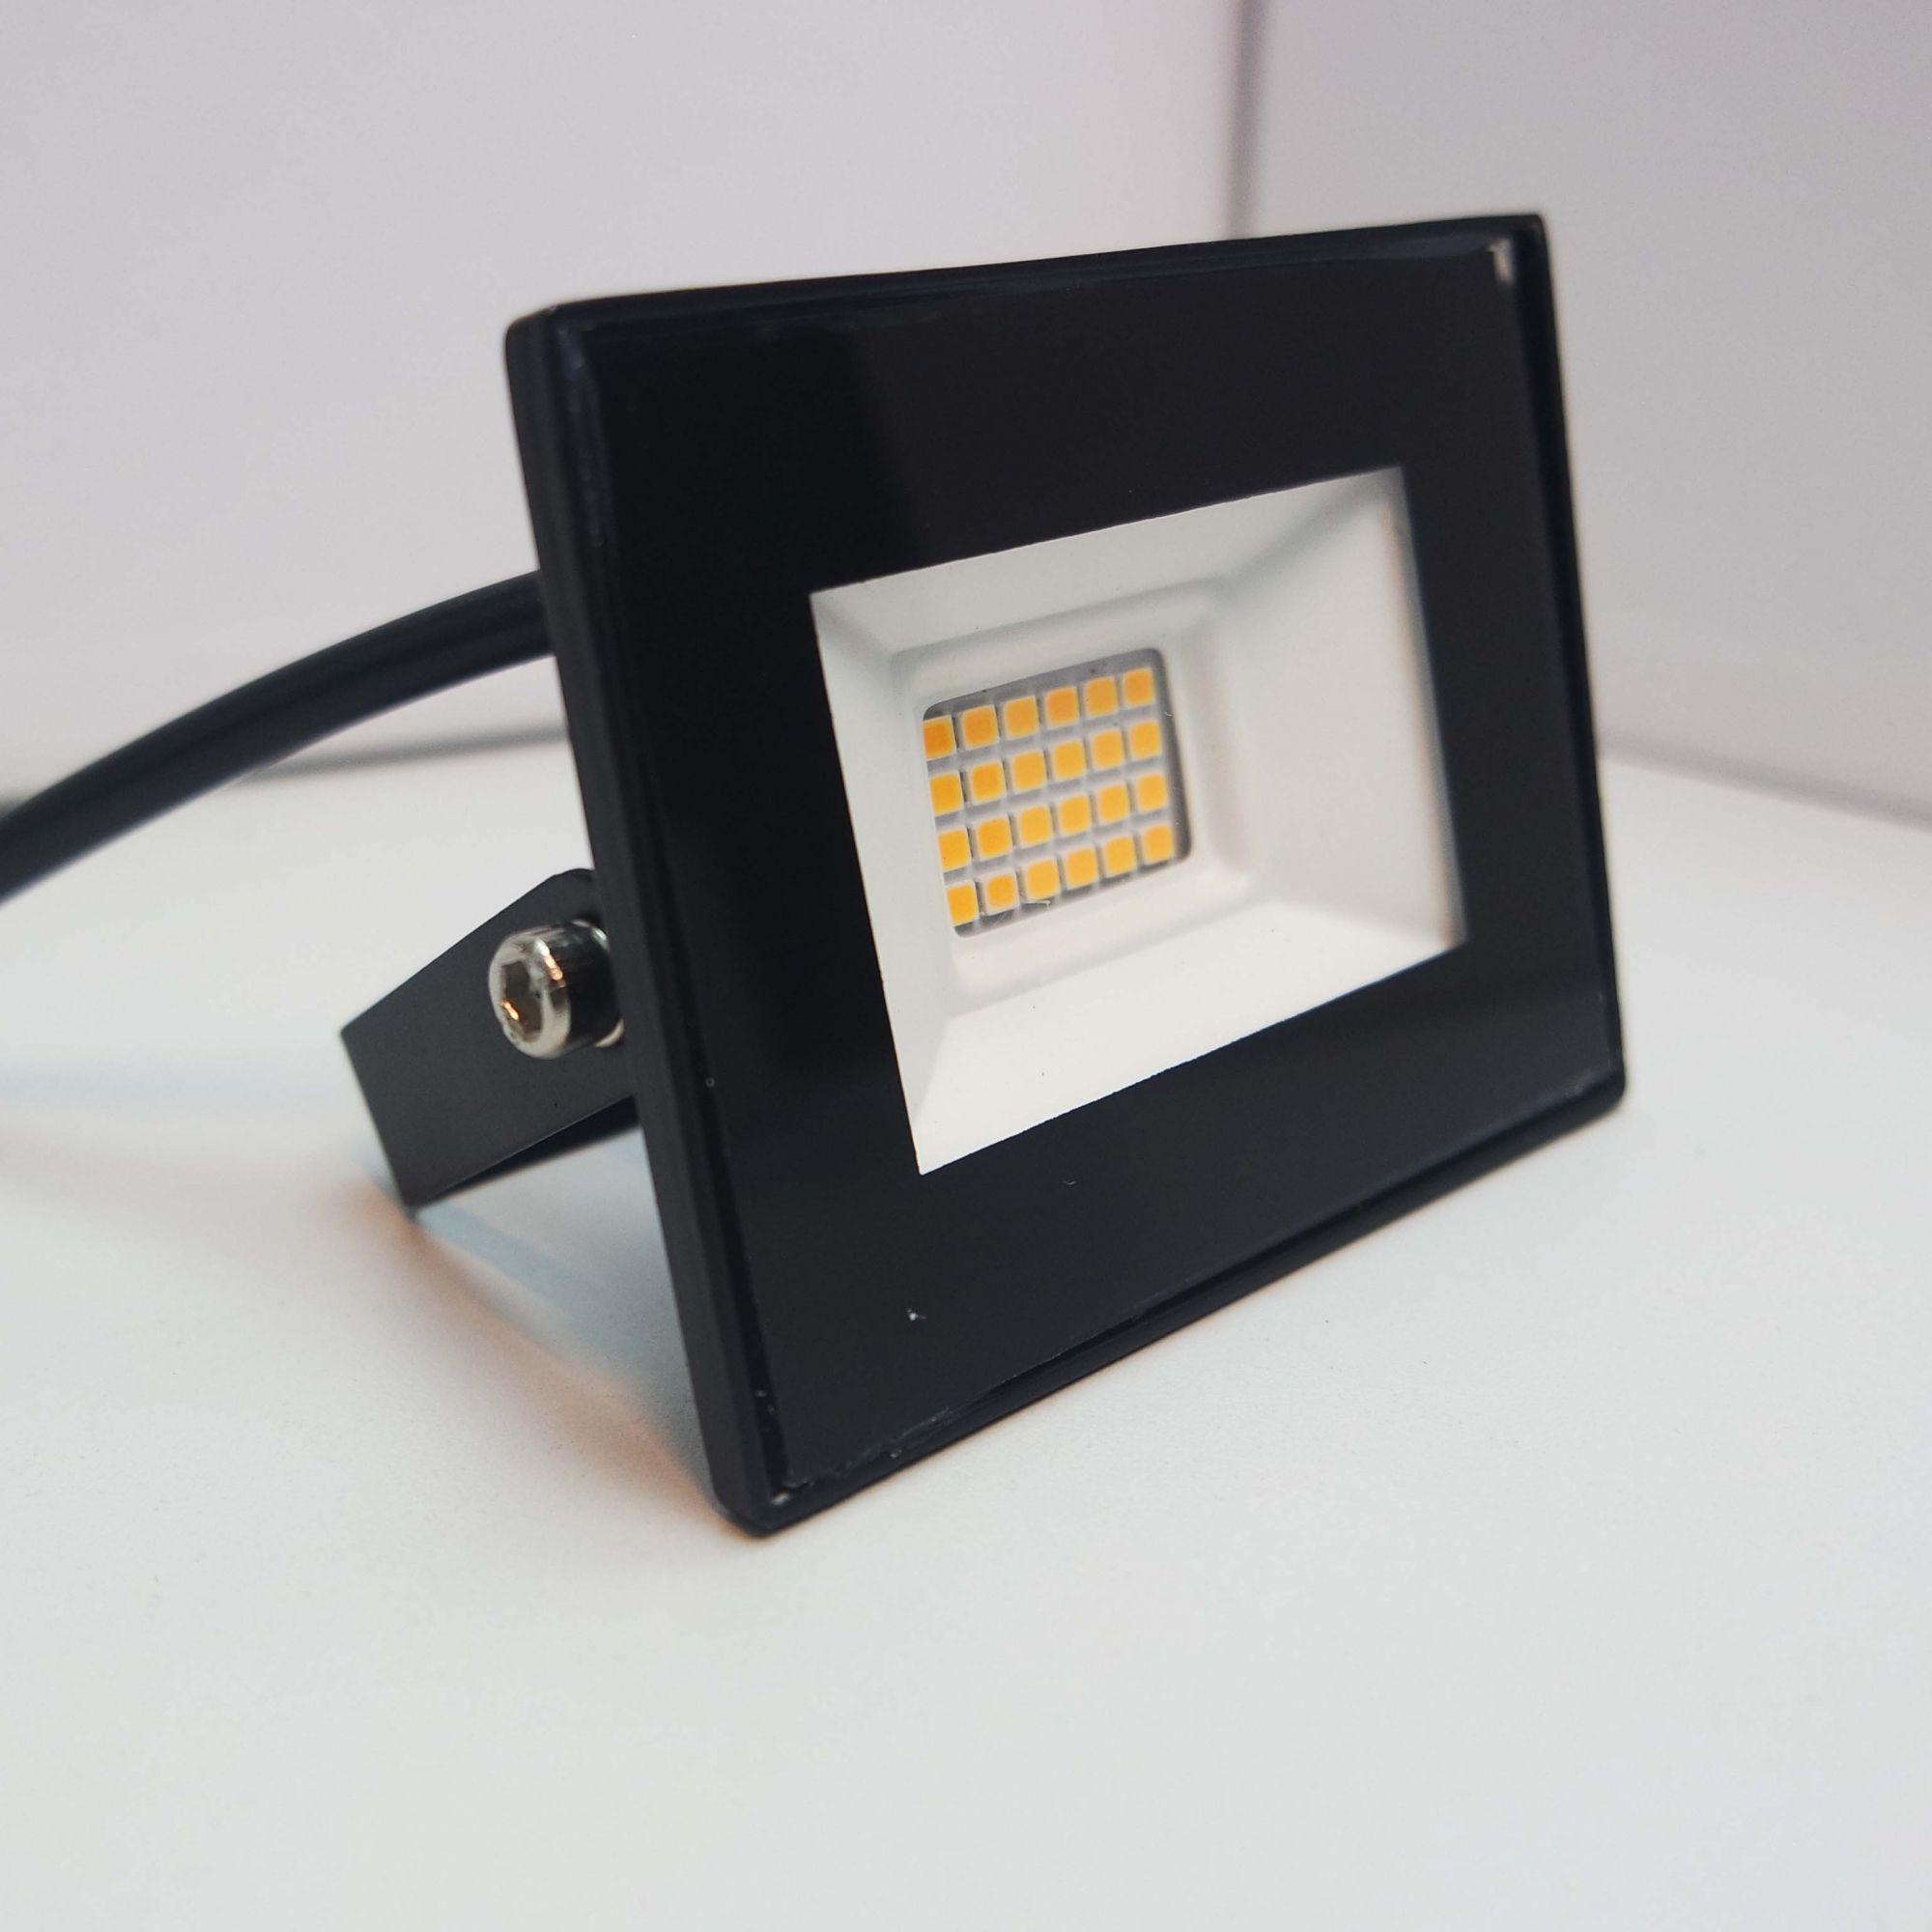 refletor 10W biv 3000k 9cm x 7cm